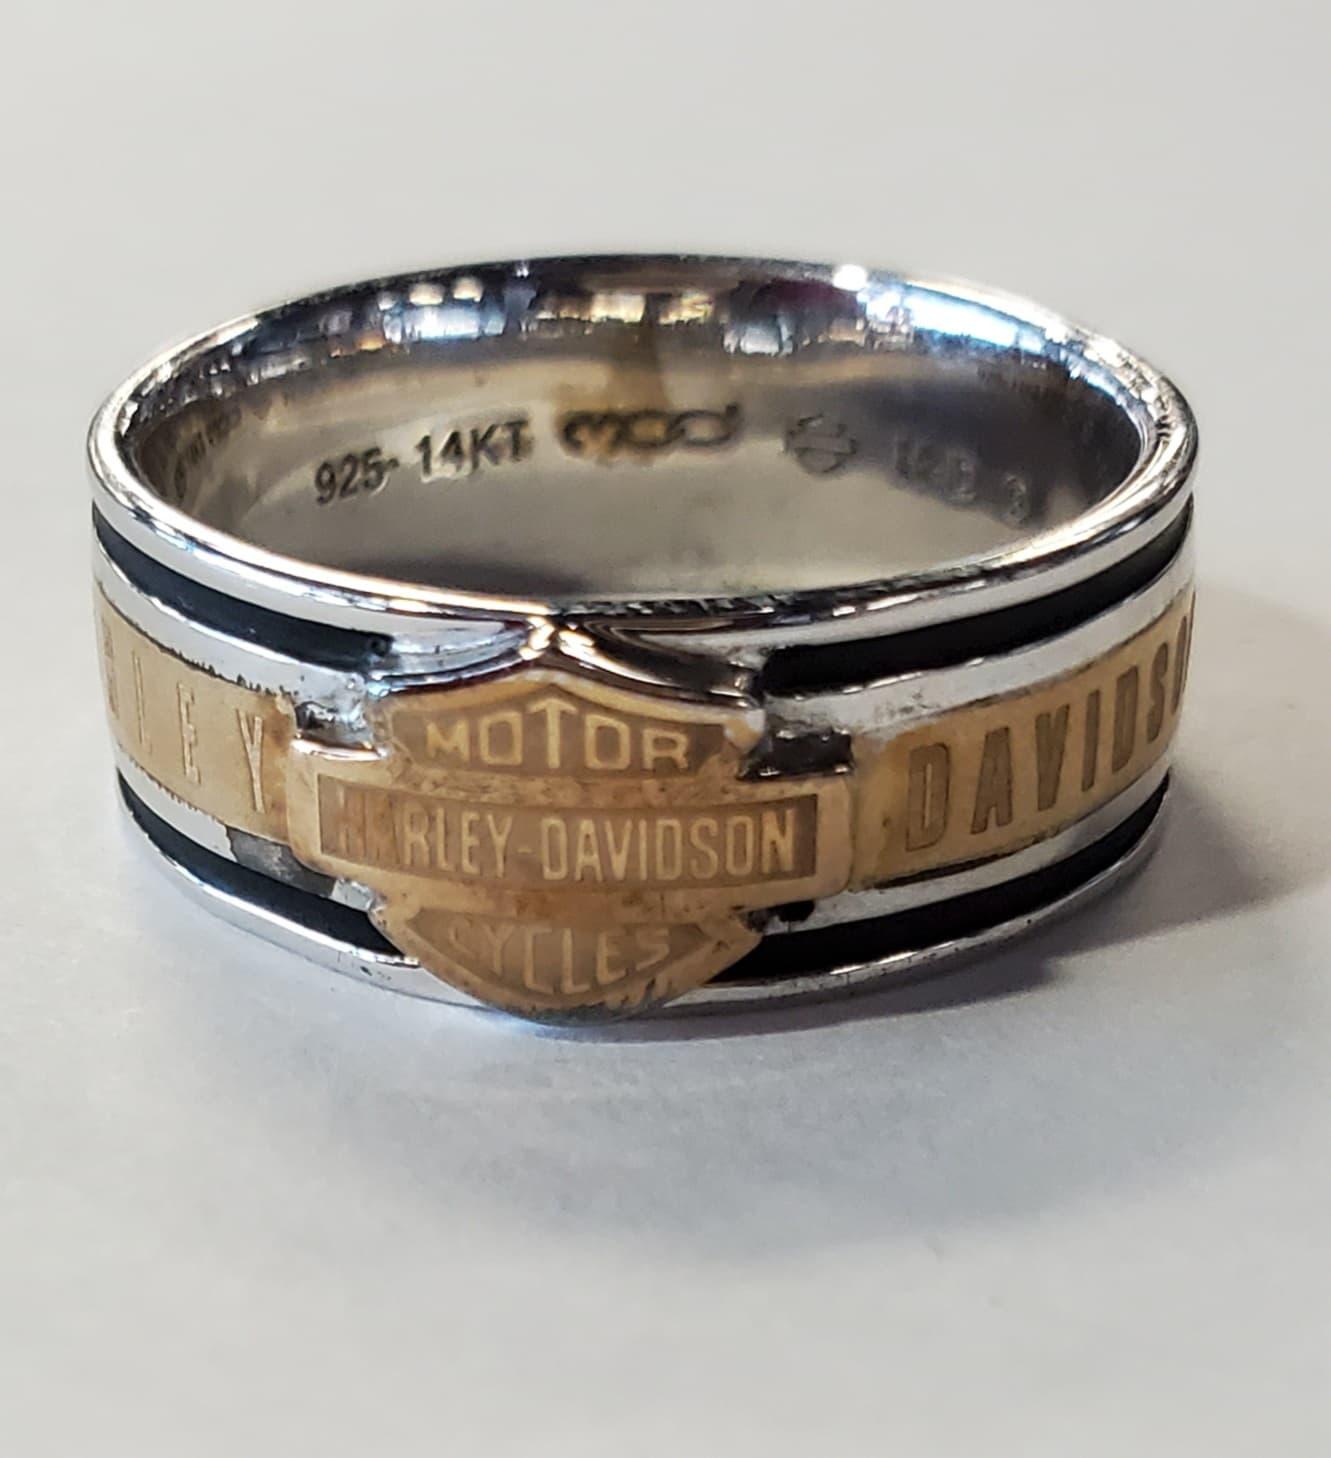 HARLEY DAVIDSON 14K GOLD INLAY & SILVER MEN'S BAND RING